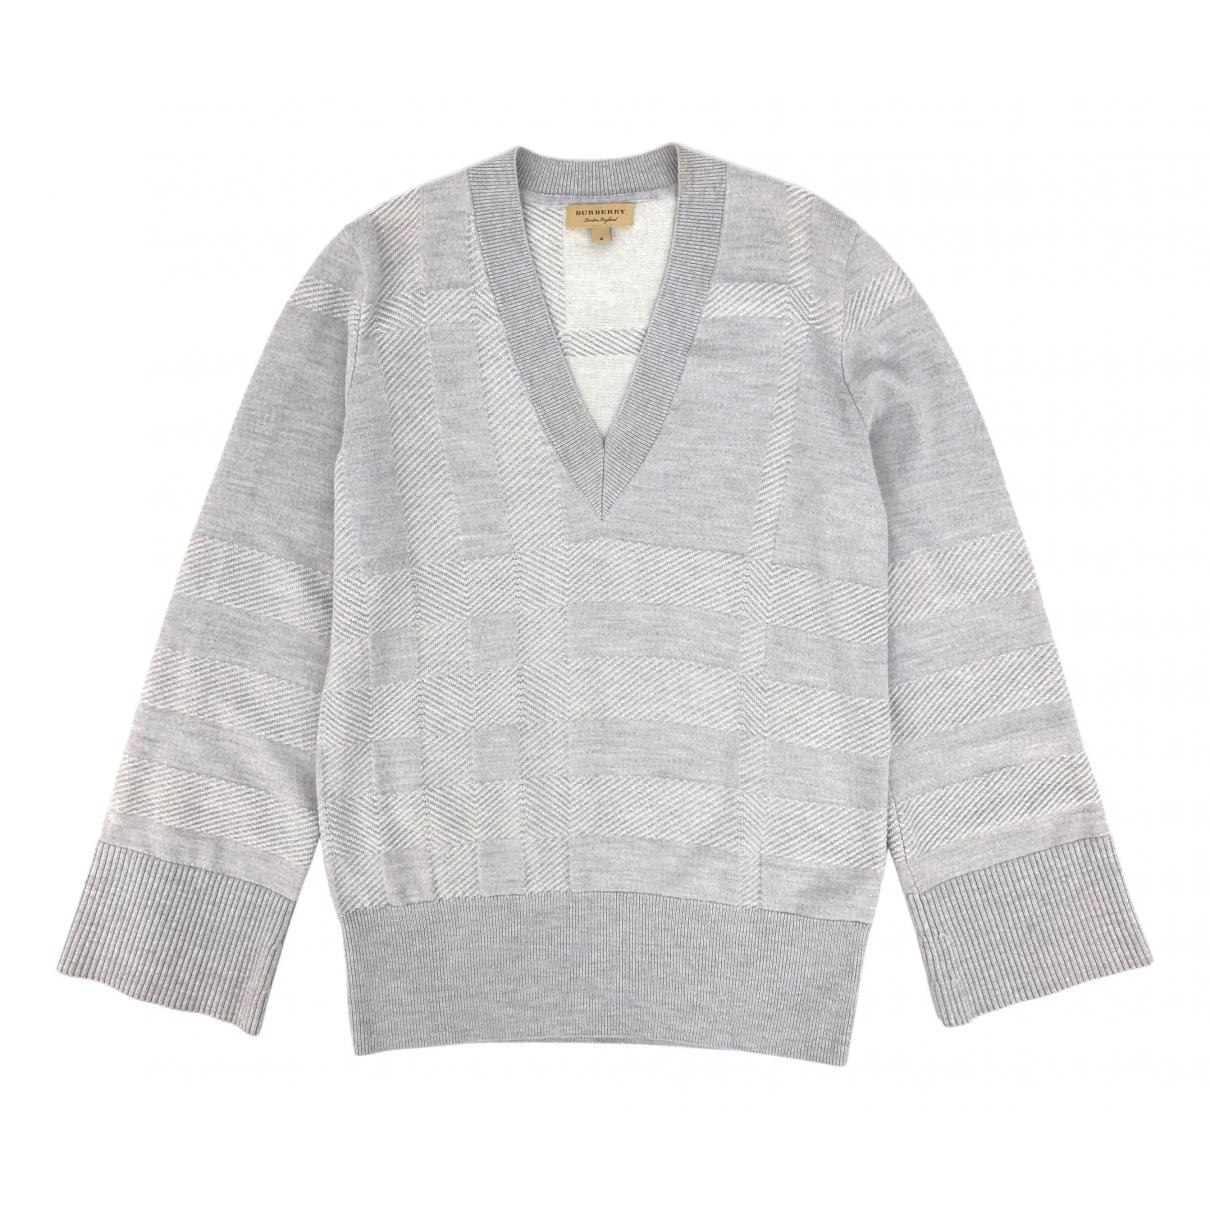 Burberry N Grey Wool Knitwear for Women M International